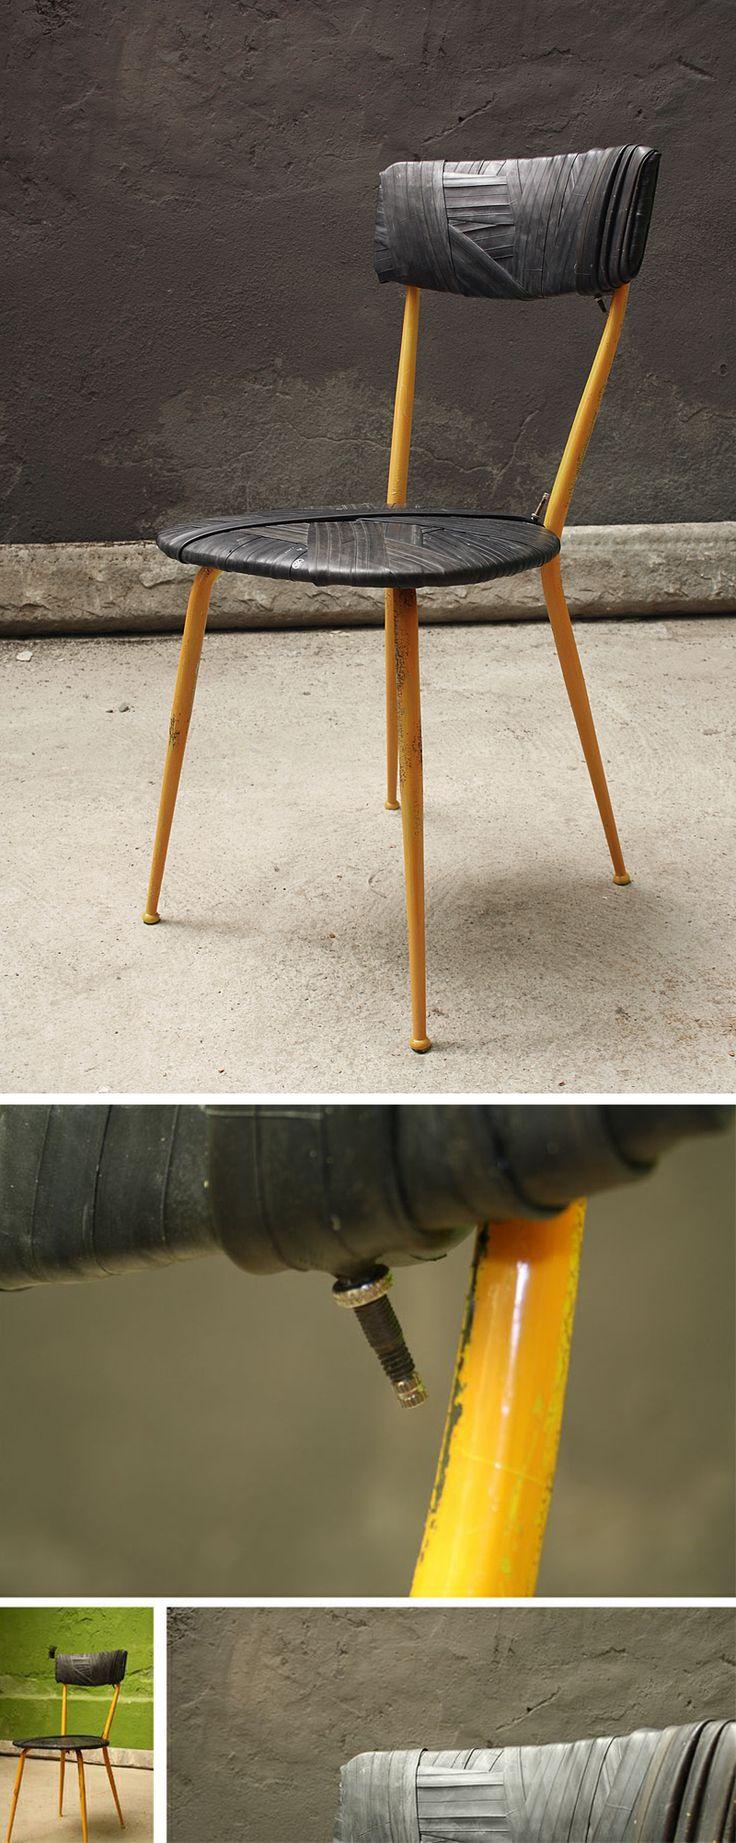 sedia da camera…d'aria: il risultato finale è così piacevole che la prossima sedia la provo a gonfiare!